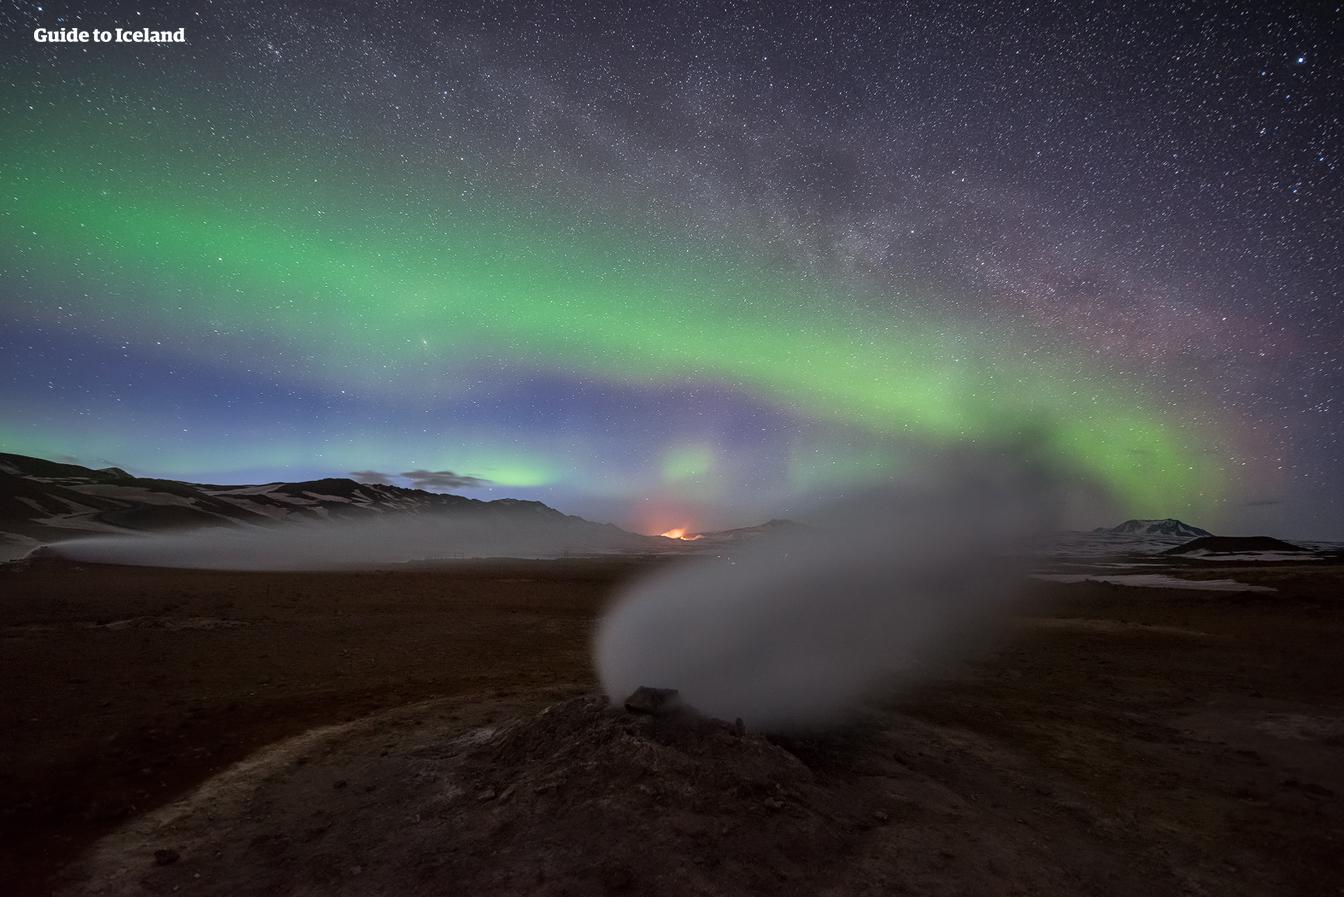 13 dni, samodzielna podróż | Zimowa wycieczka dookoła Islandii i Snaefellsnes - day 4